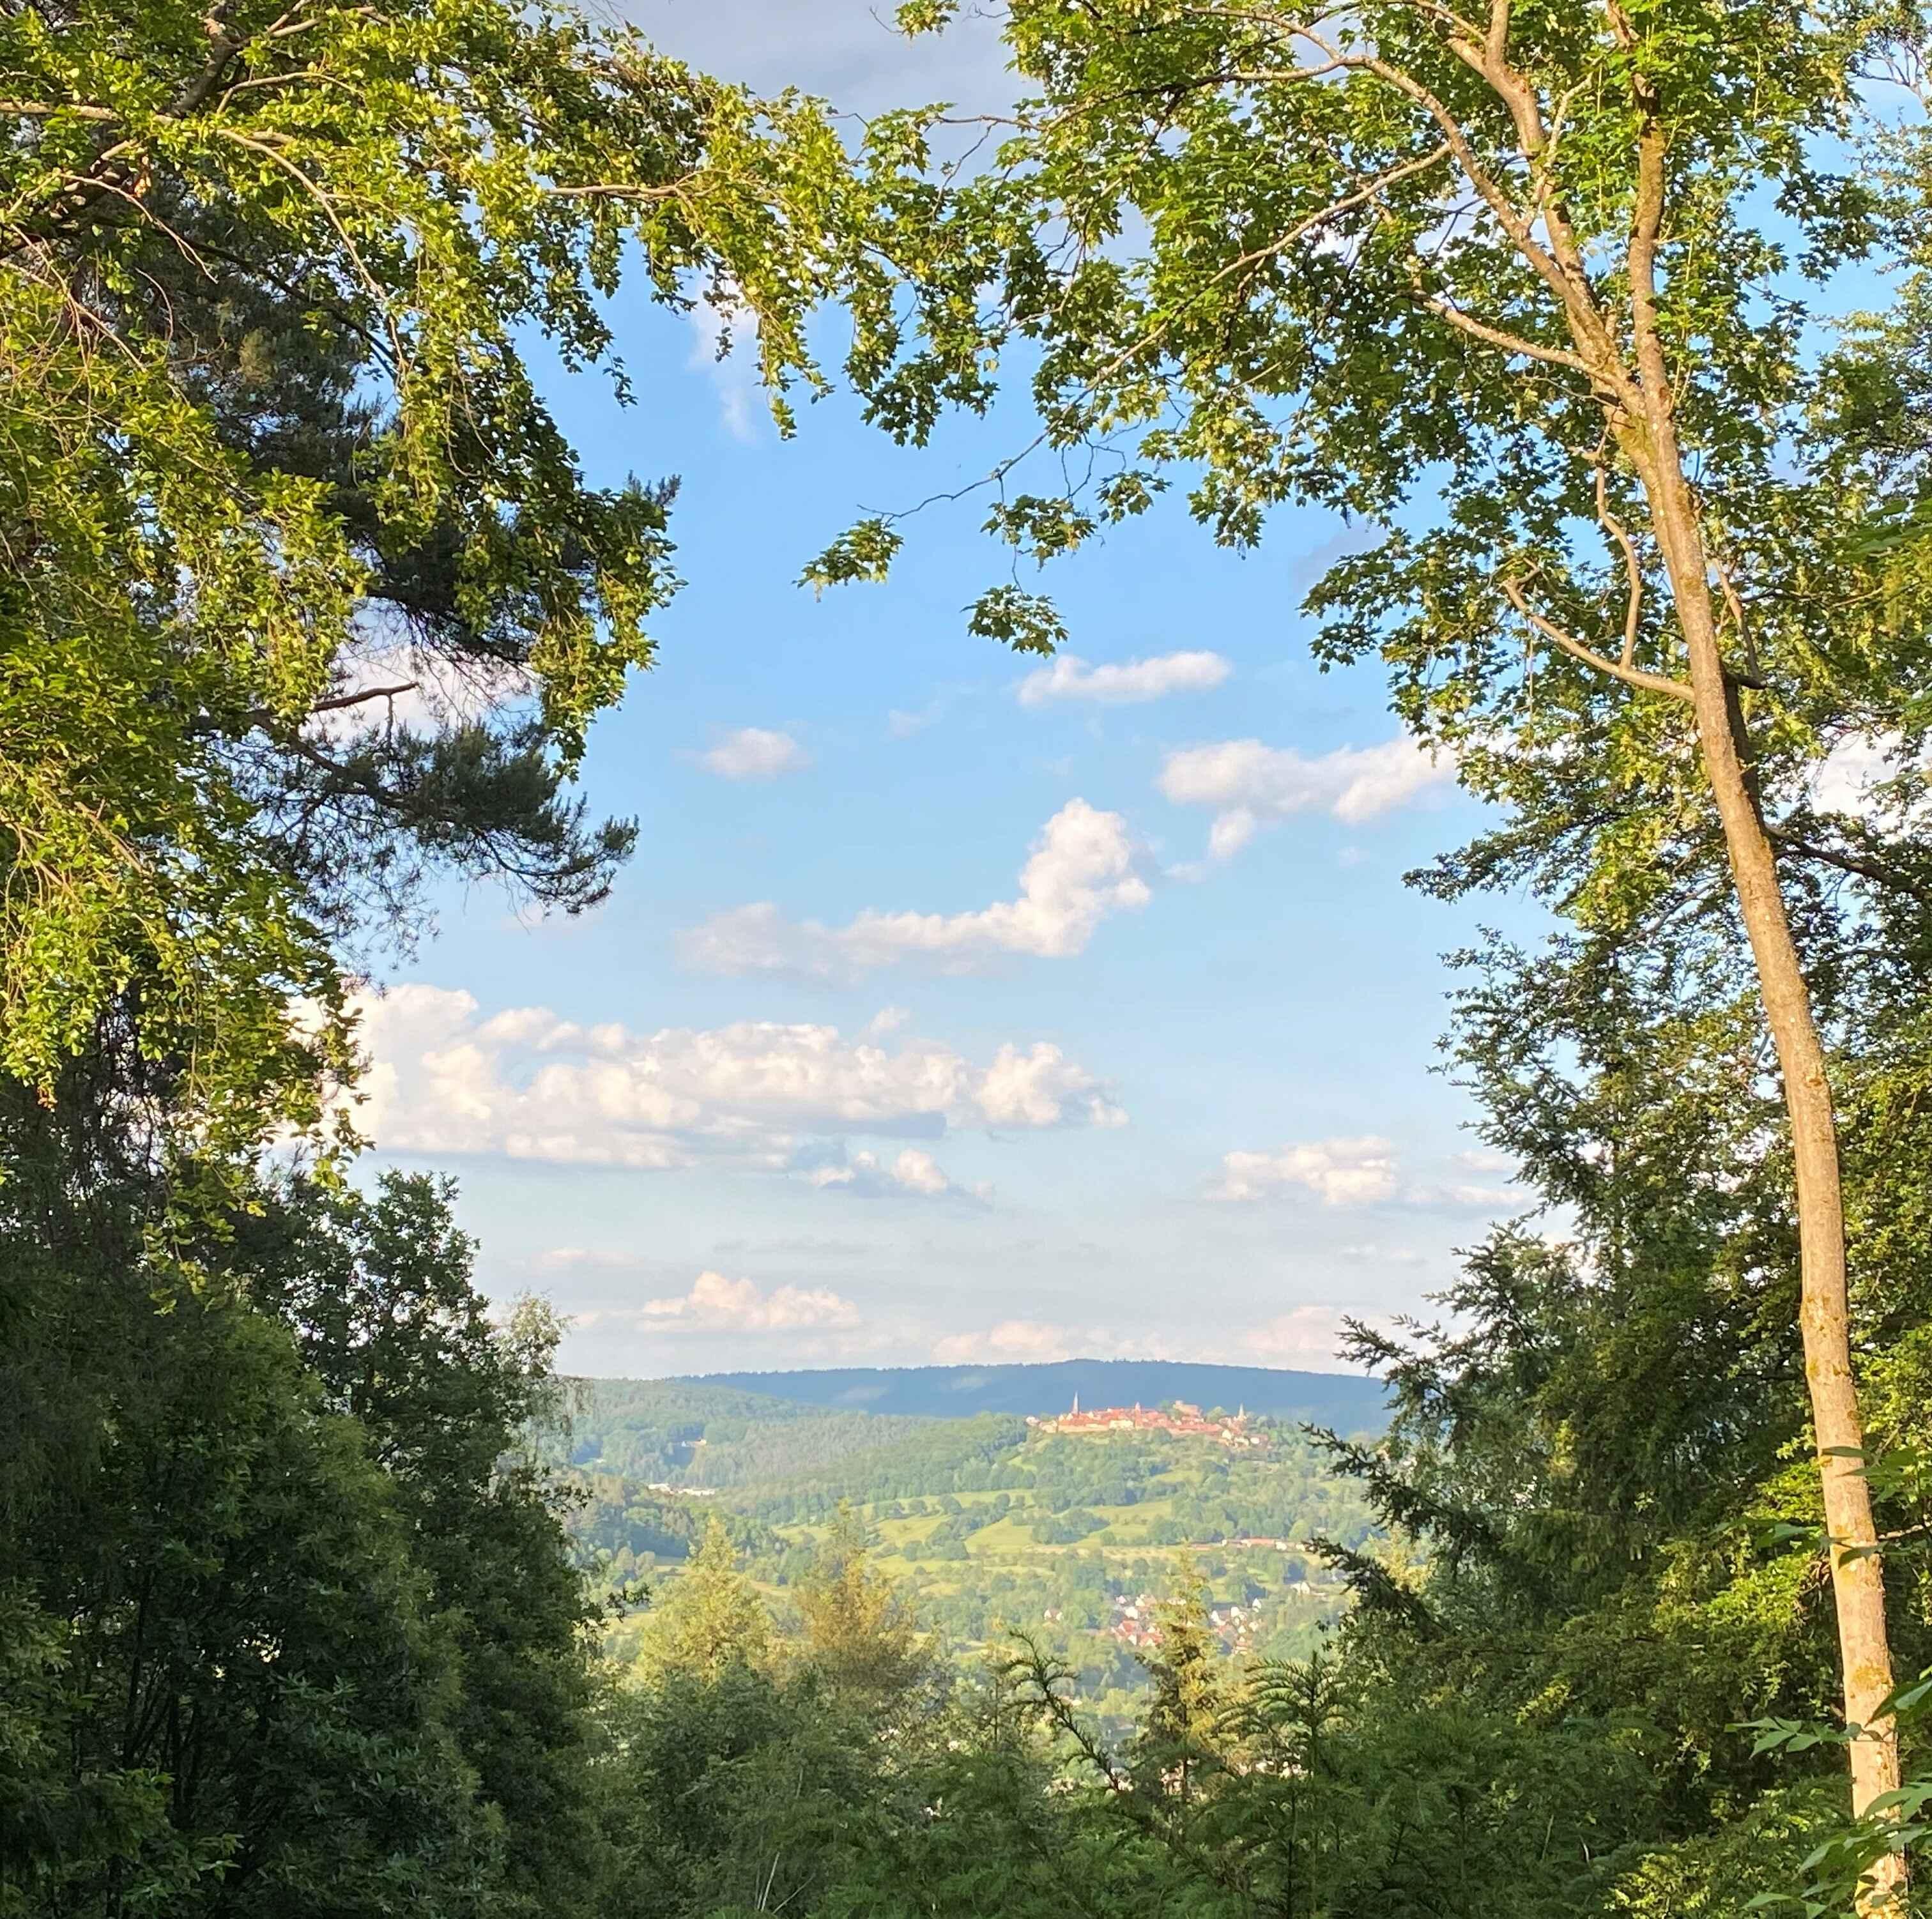 Bild zur Nachricht von Neckarriedkopf Hütte